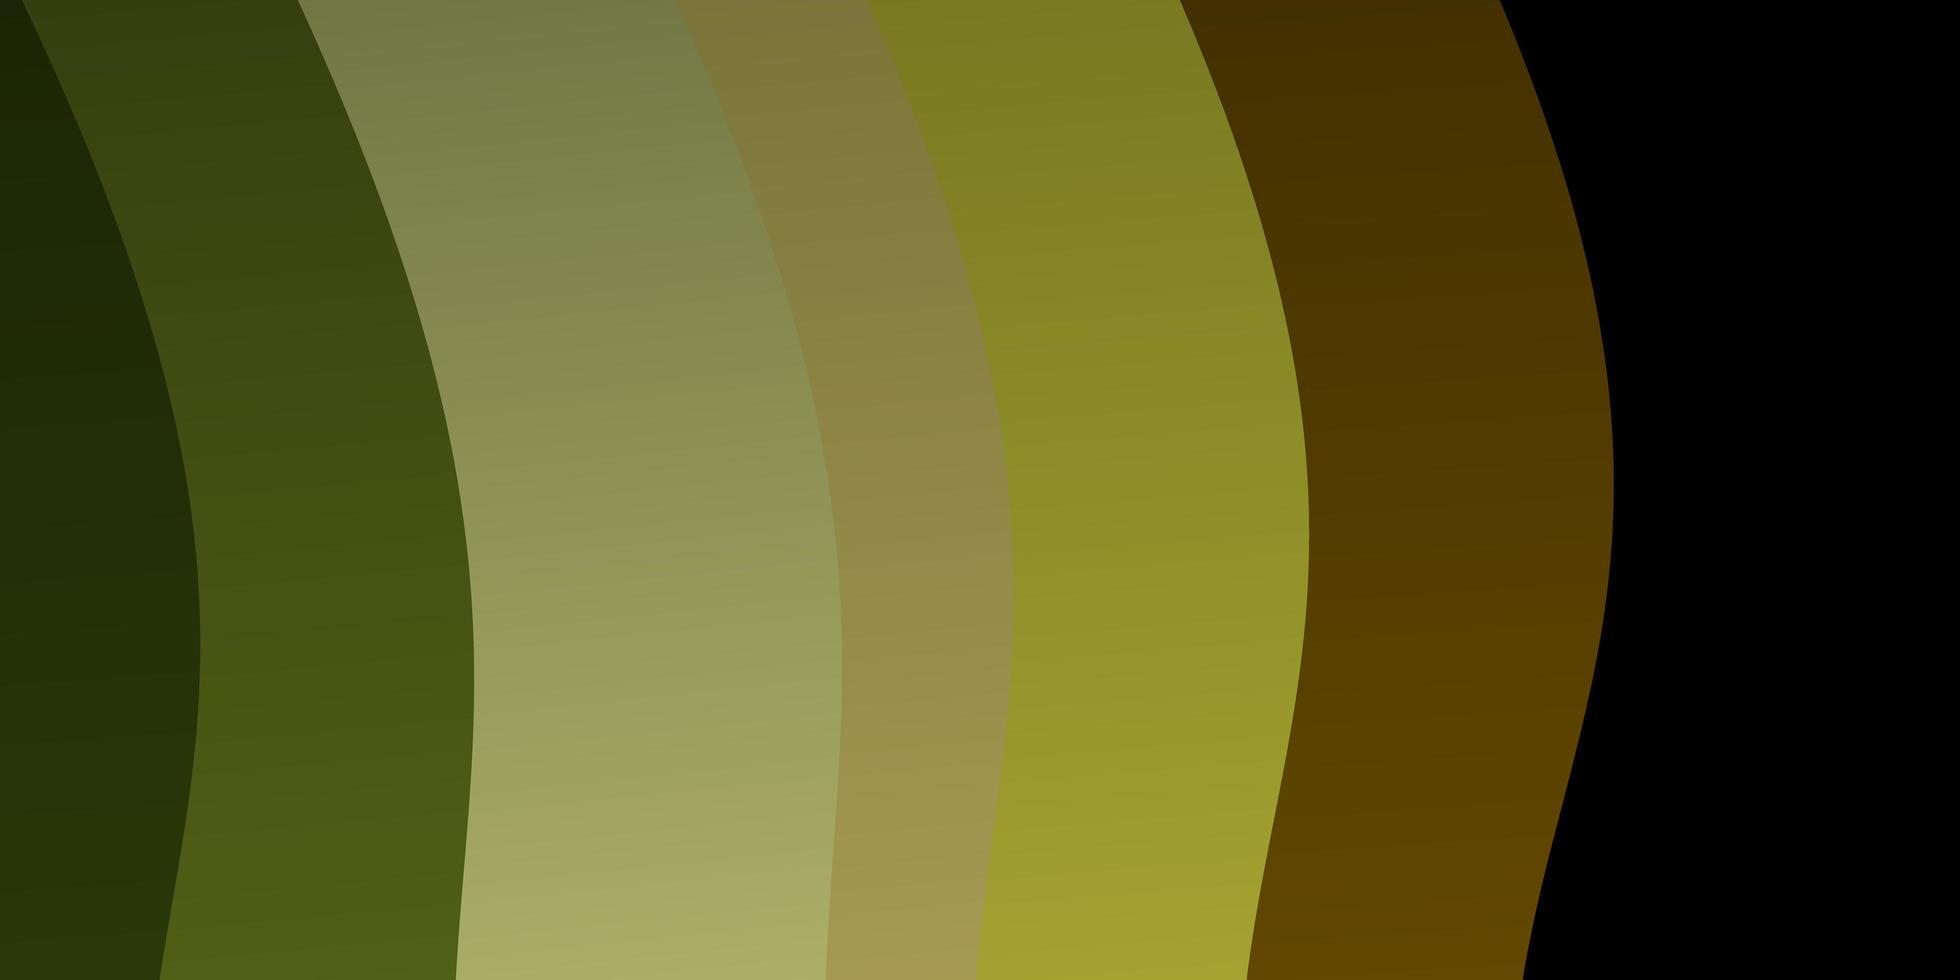 fundo vector verde escuro e amarelo com linhas irônicas.